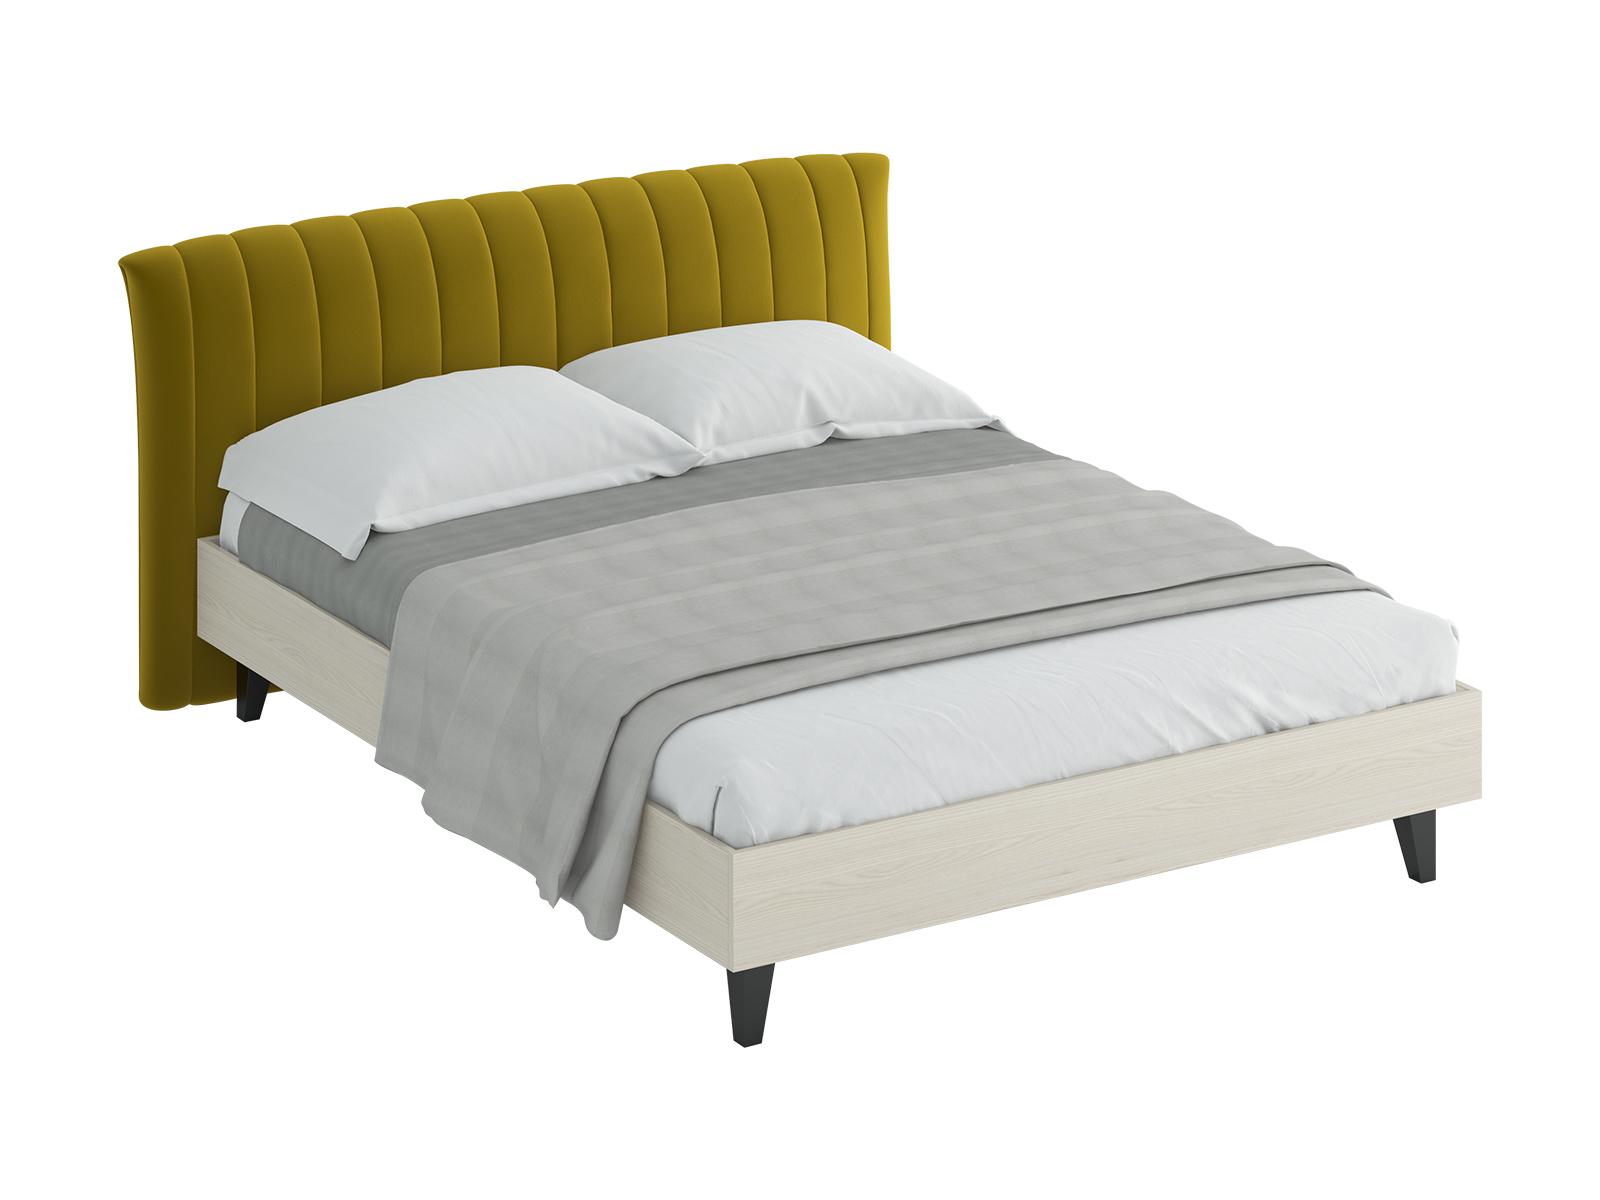 Кровать Queen AnastasiaКровати<br>Кровать двуспальная.  Спинка кровати оформлена декоративной строчкой. Размер спального места: 1600х2000 мм.<br>